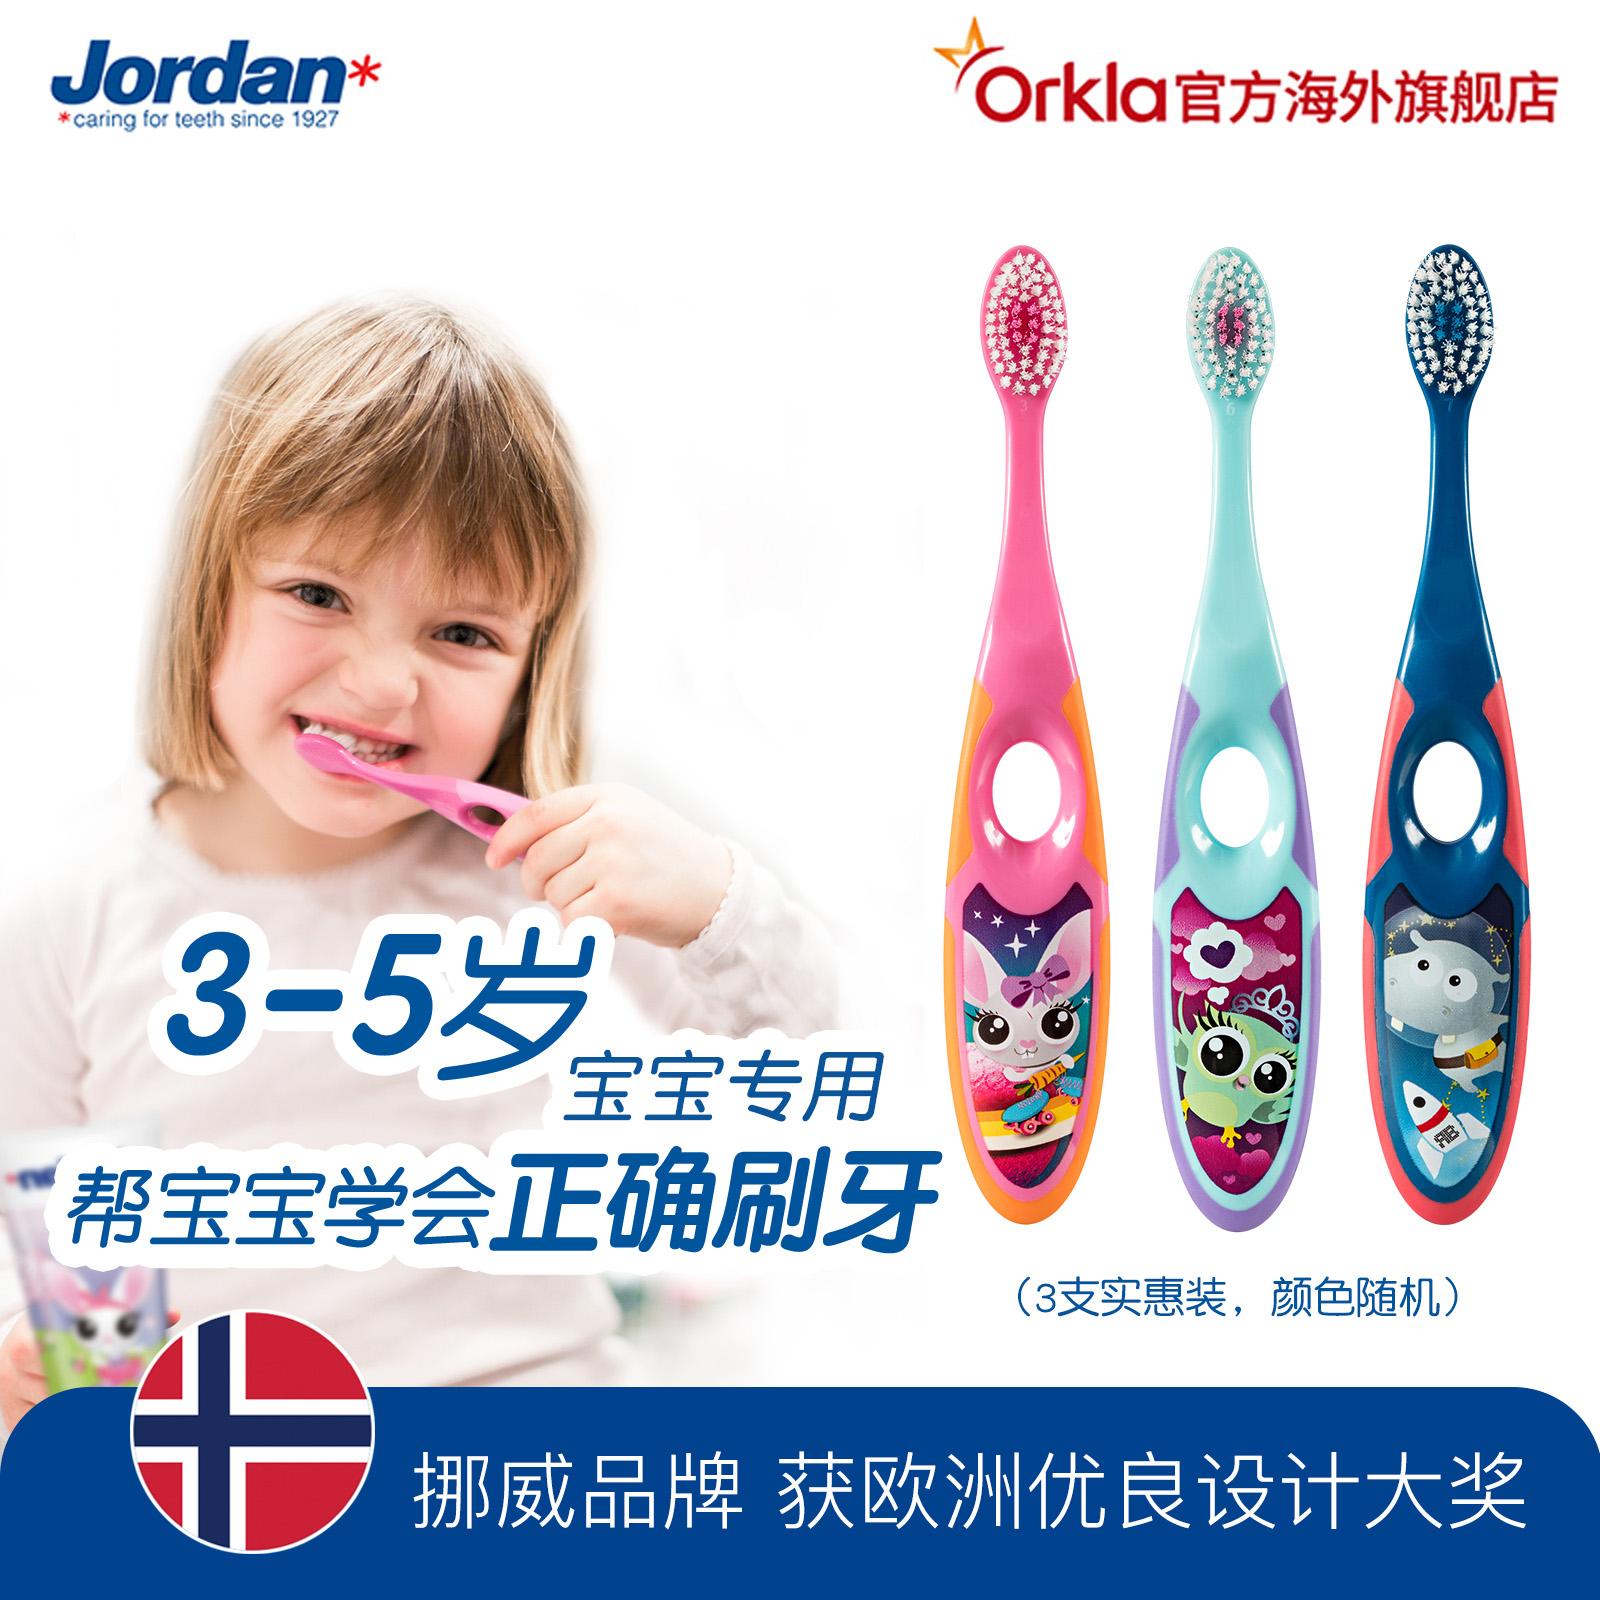 挪威Jordan宝宝婴幼儿童牙刷3-4-5岁以上护牙清洁训练软毛牙刷3支